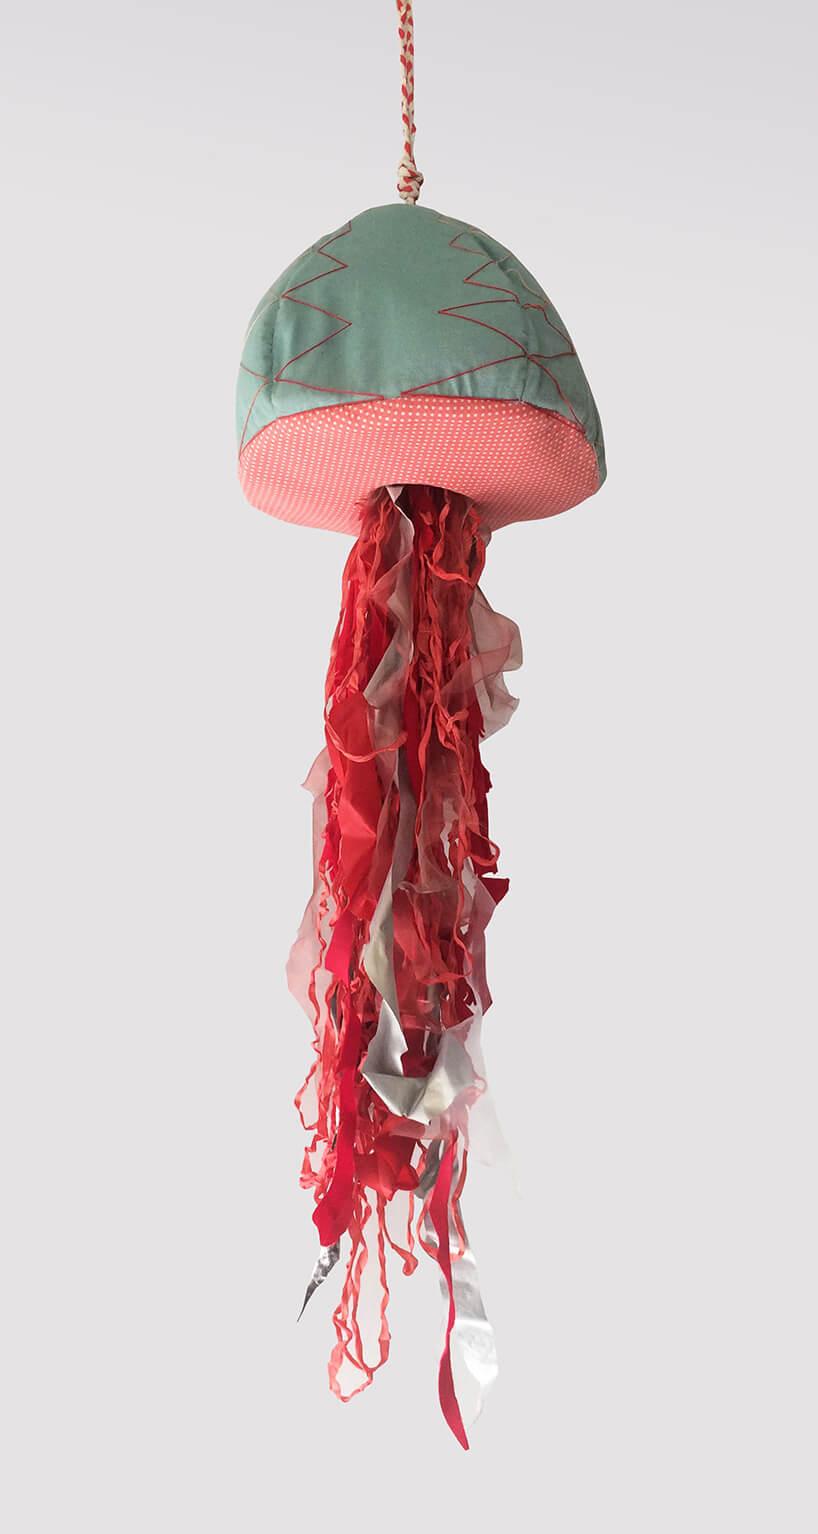 pluszak meduza